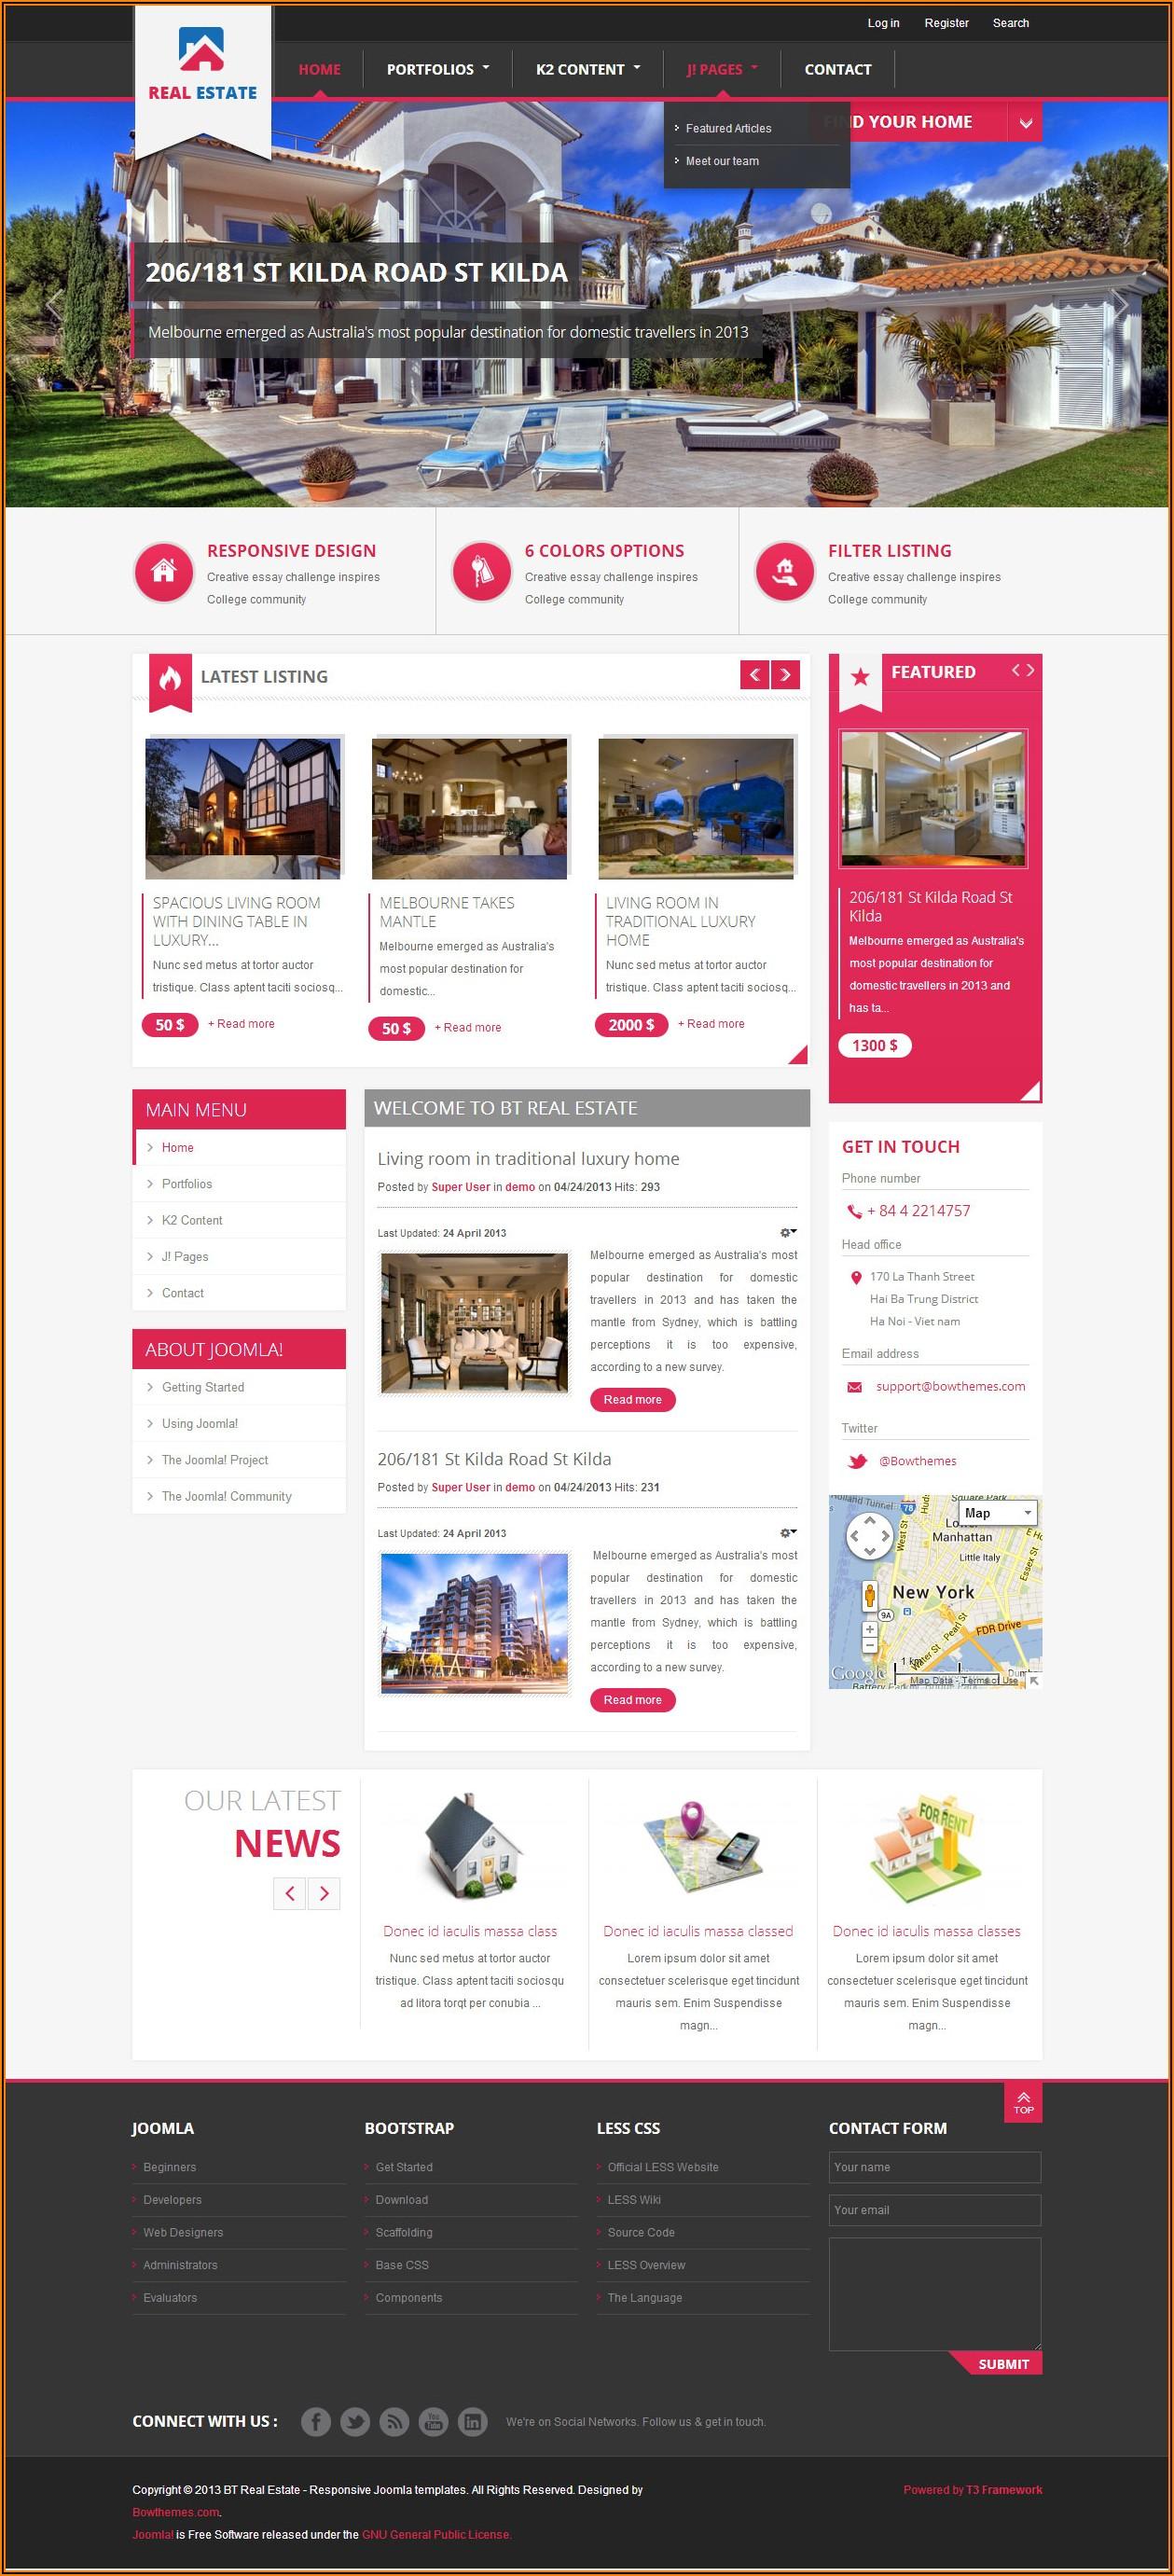 Joomla Real Estate Theme